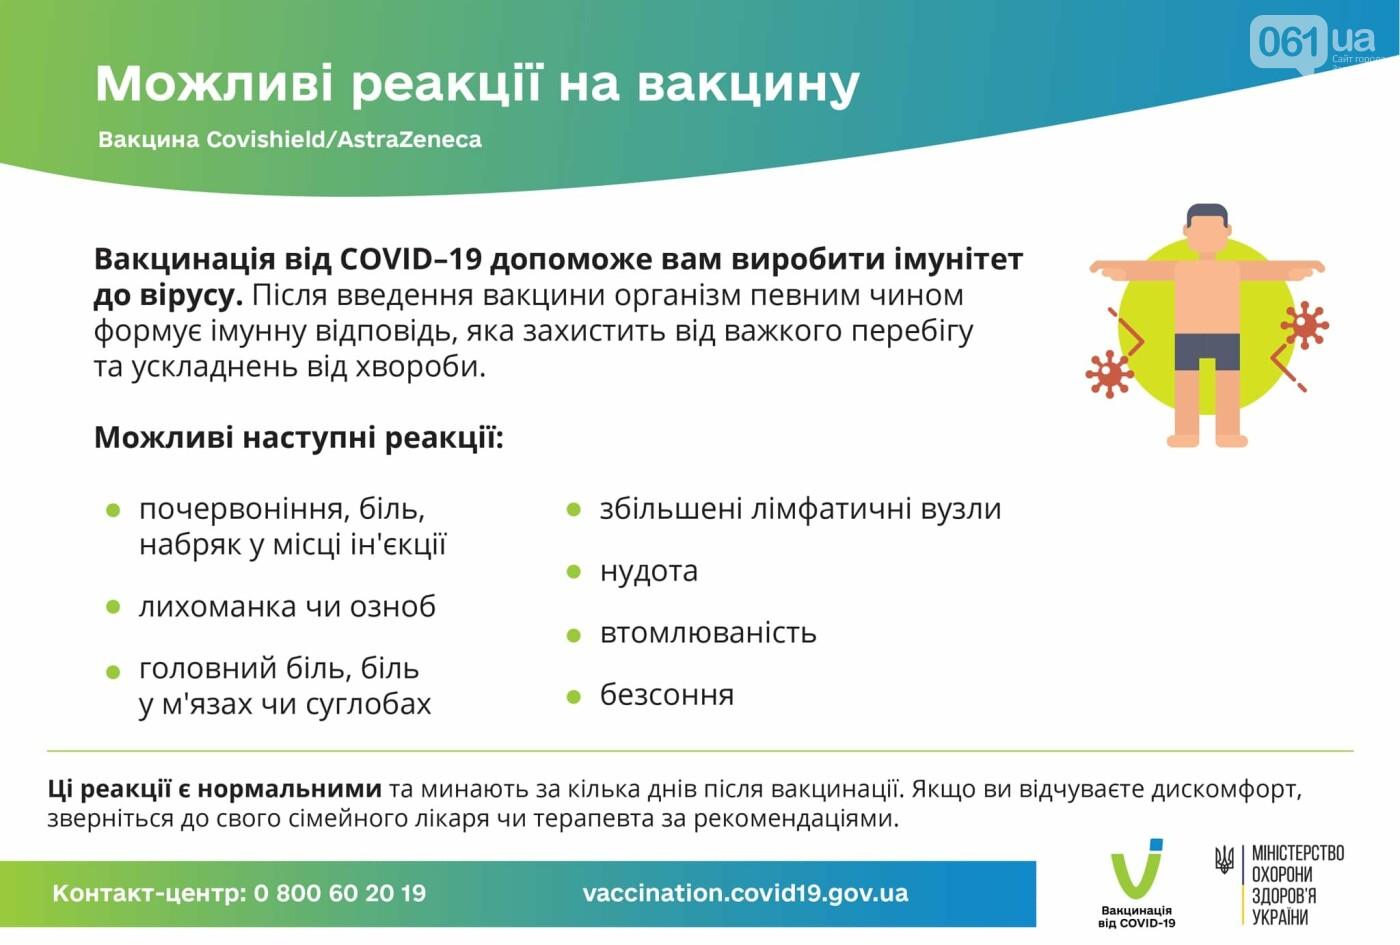 Персонал Запорожской АЭС вакцинируют от COVID-19 - начнут с руководства предприятия , фото-2